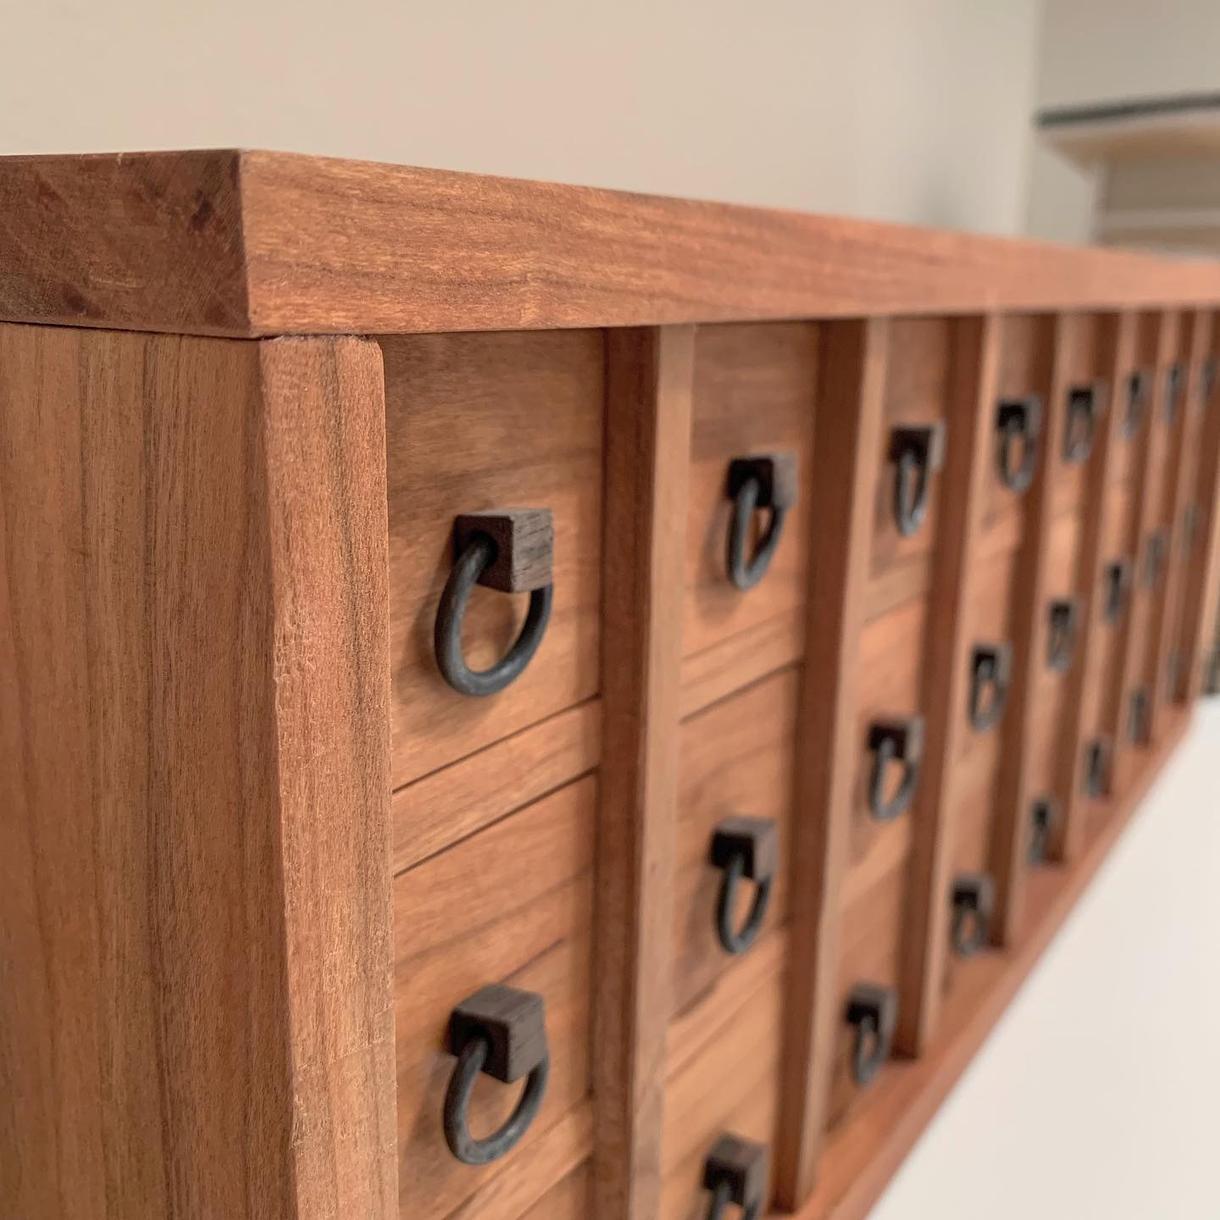 お好みの家具、小物お作りします これ欲しいなぁ〜と思ったもの、作ります。